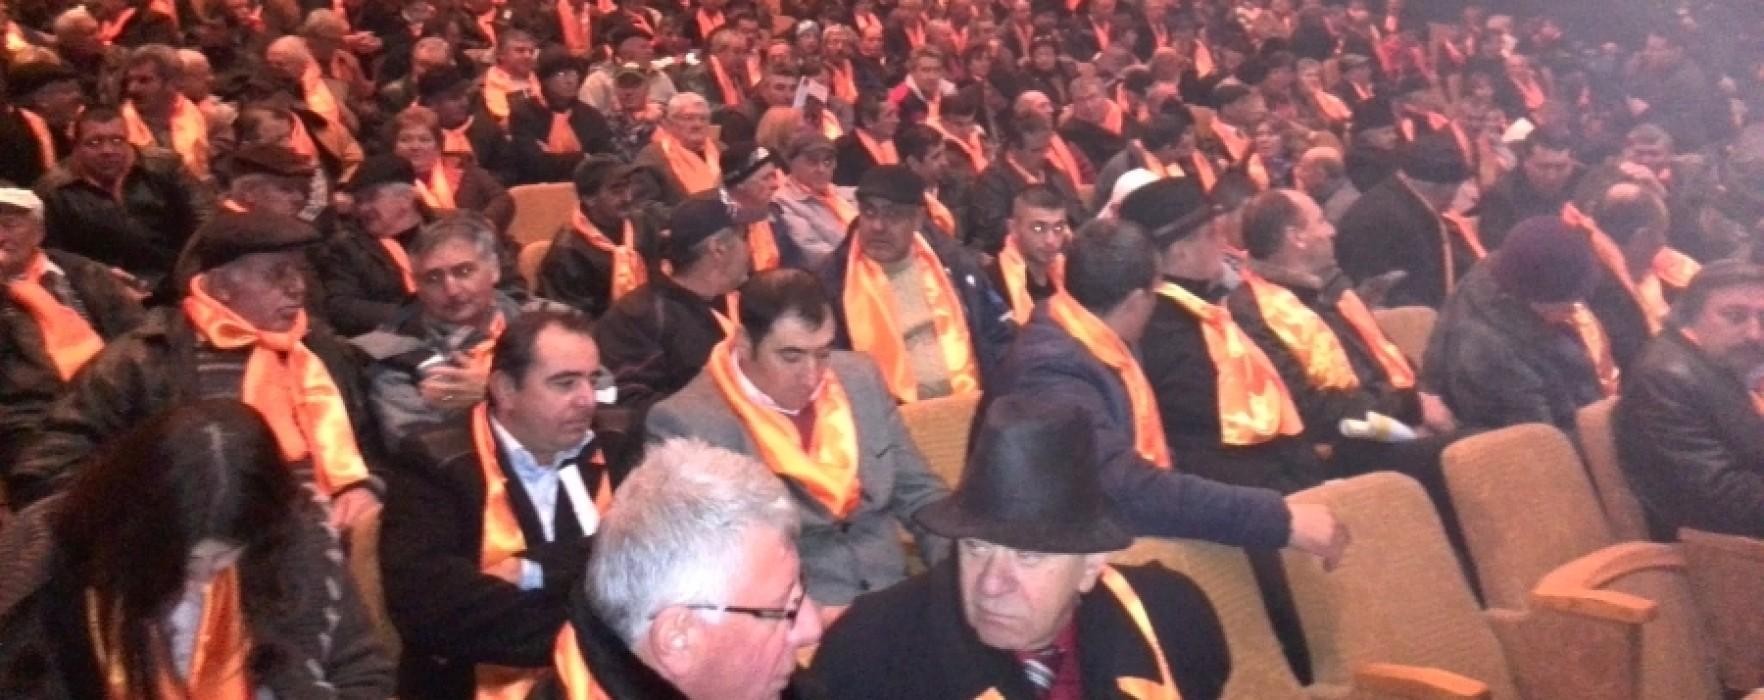 Cătălin Predoiu şi-a prezentat, la Târgovişte, programul în cursa internă pentru desemnarea prezidenţiabilului PDL